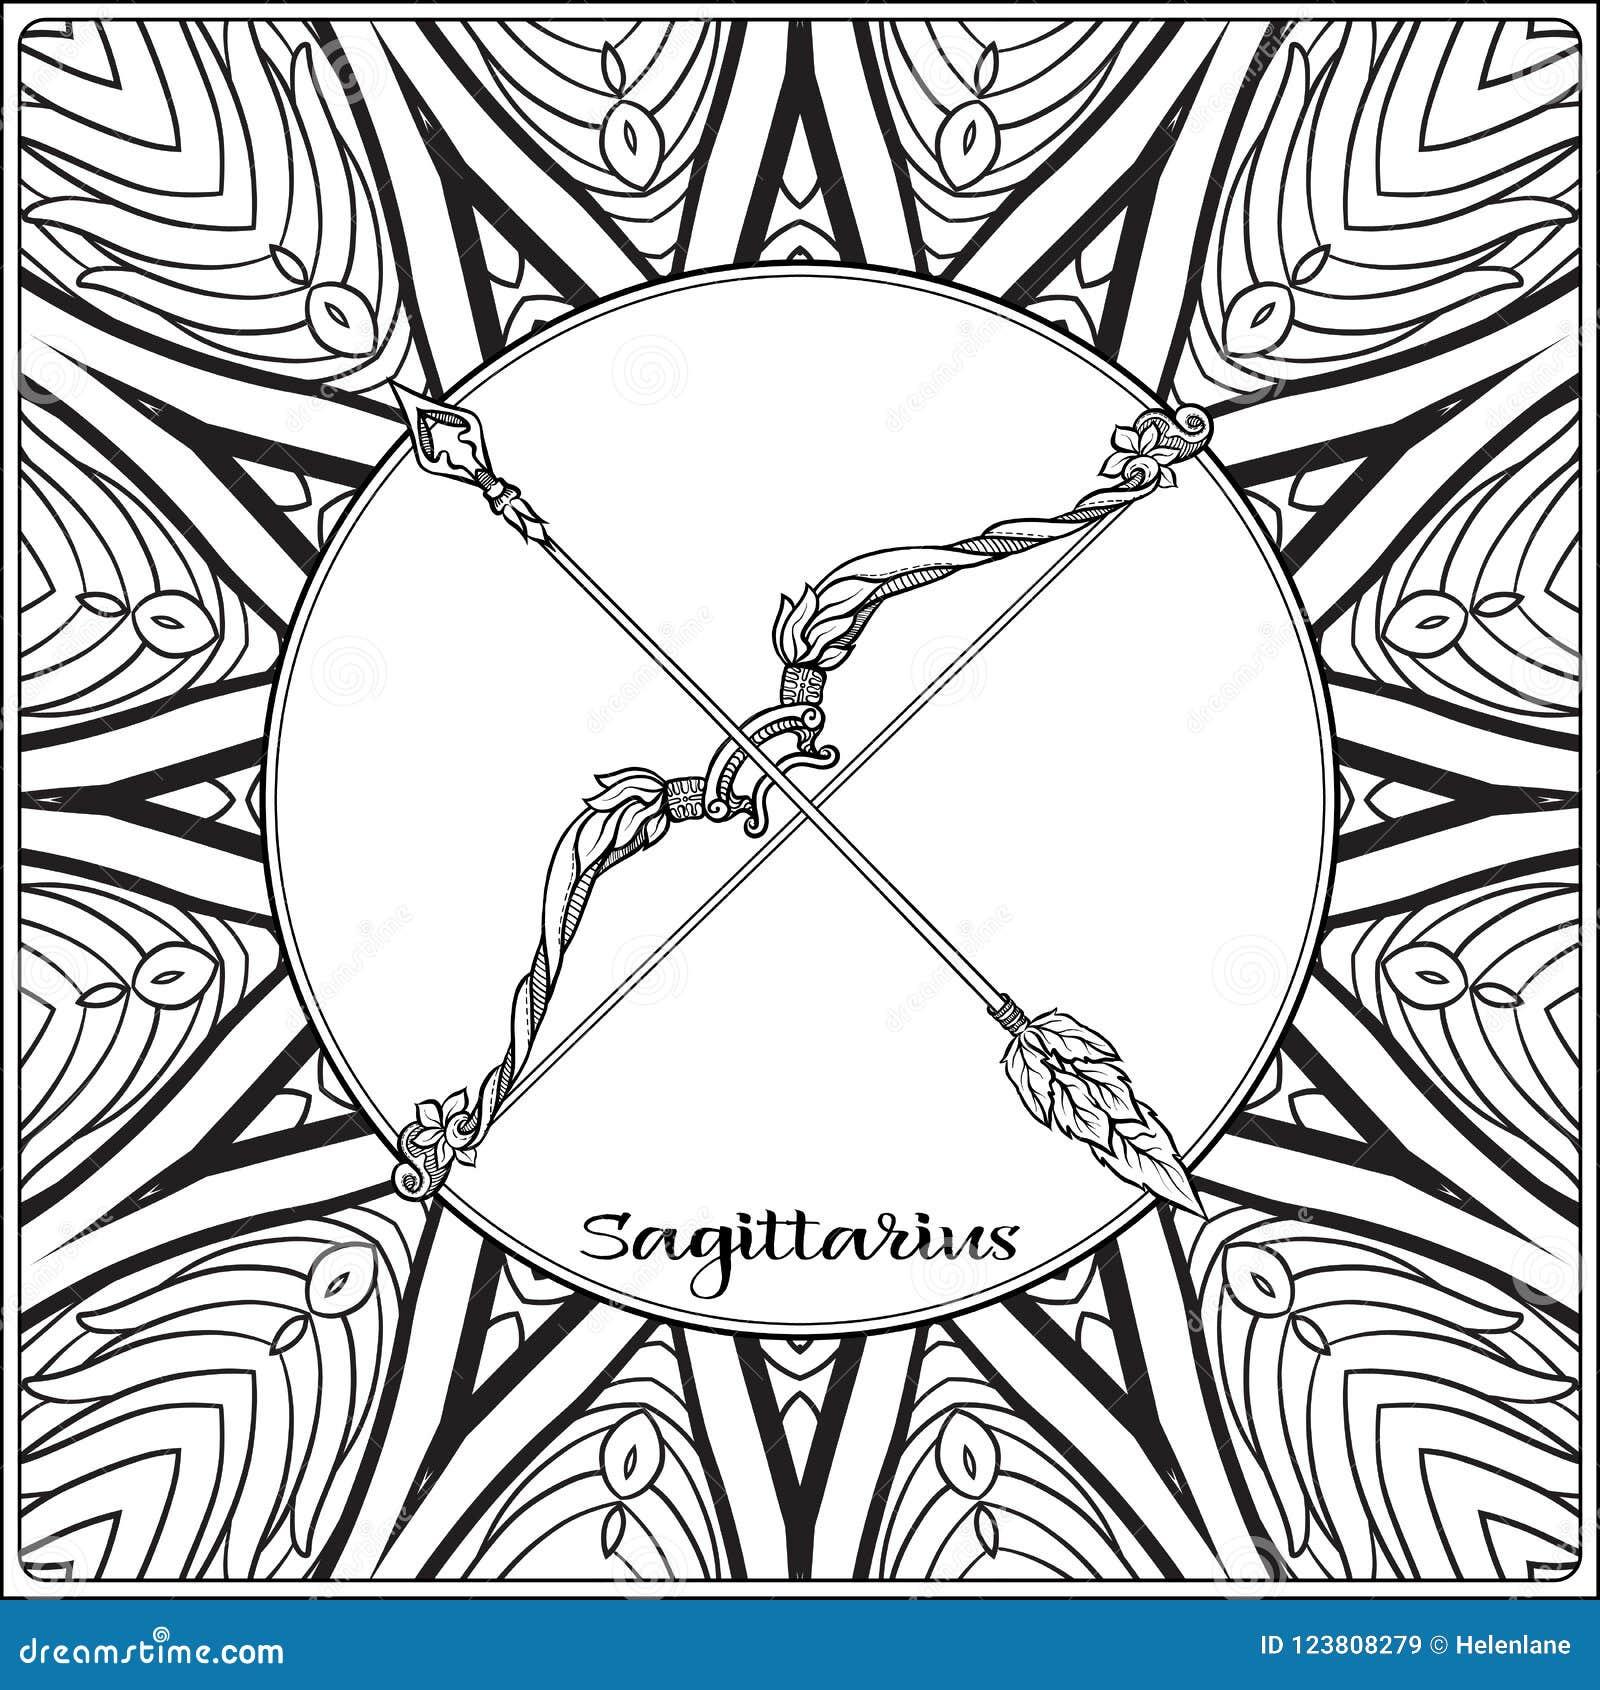 Decorative zodiac sign on pattern background.